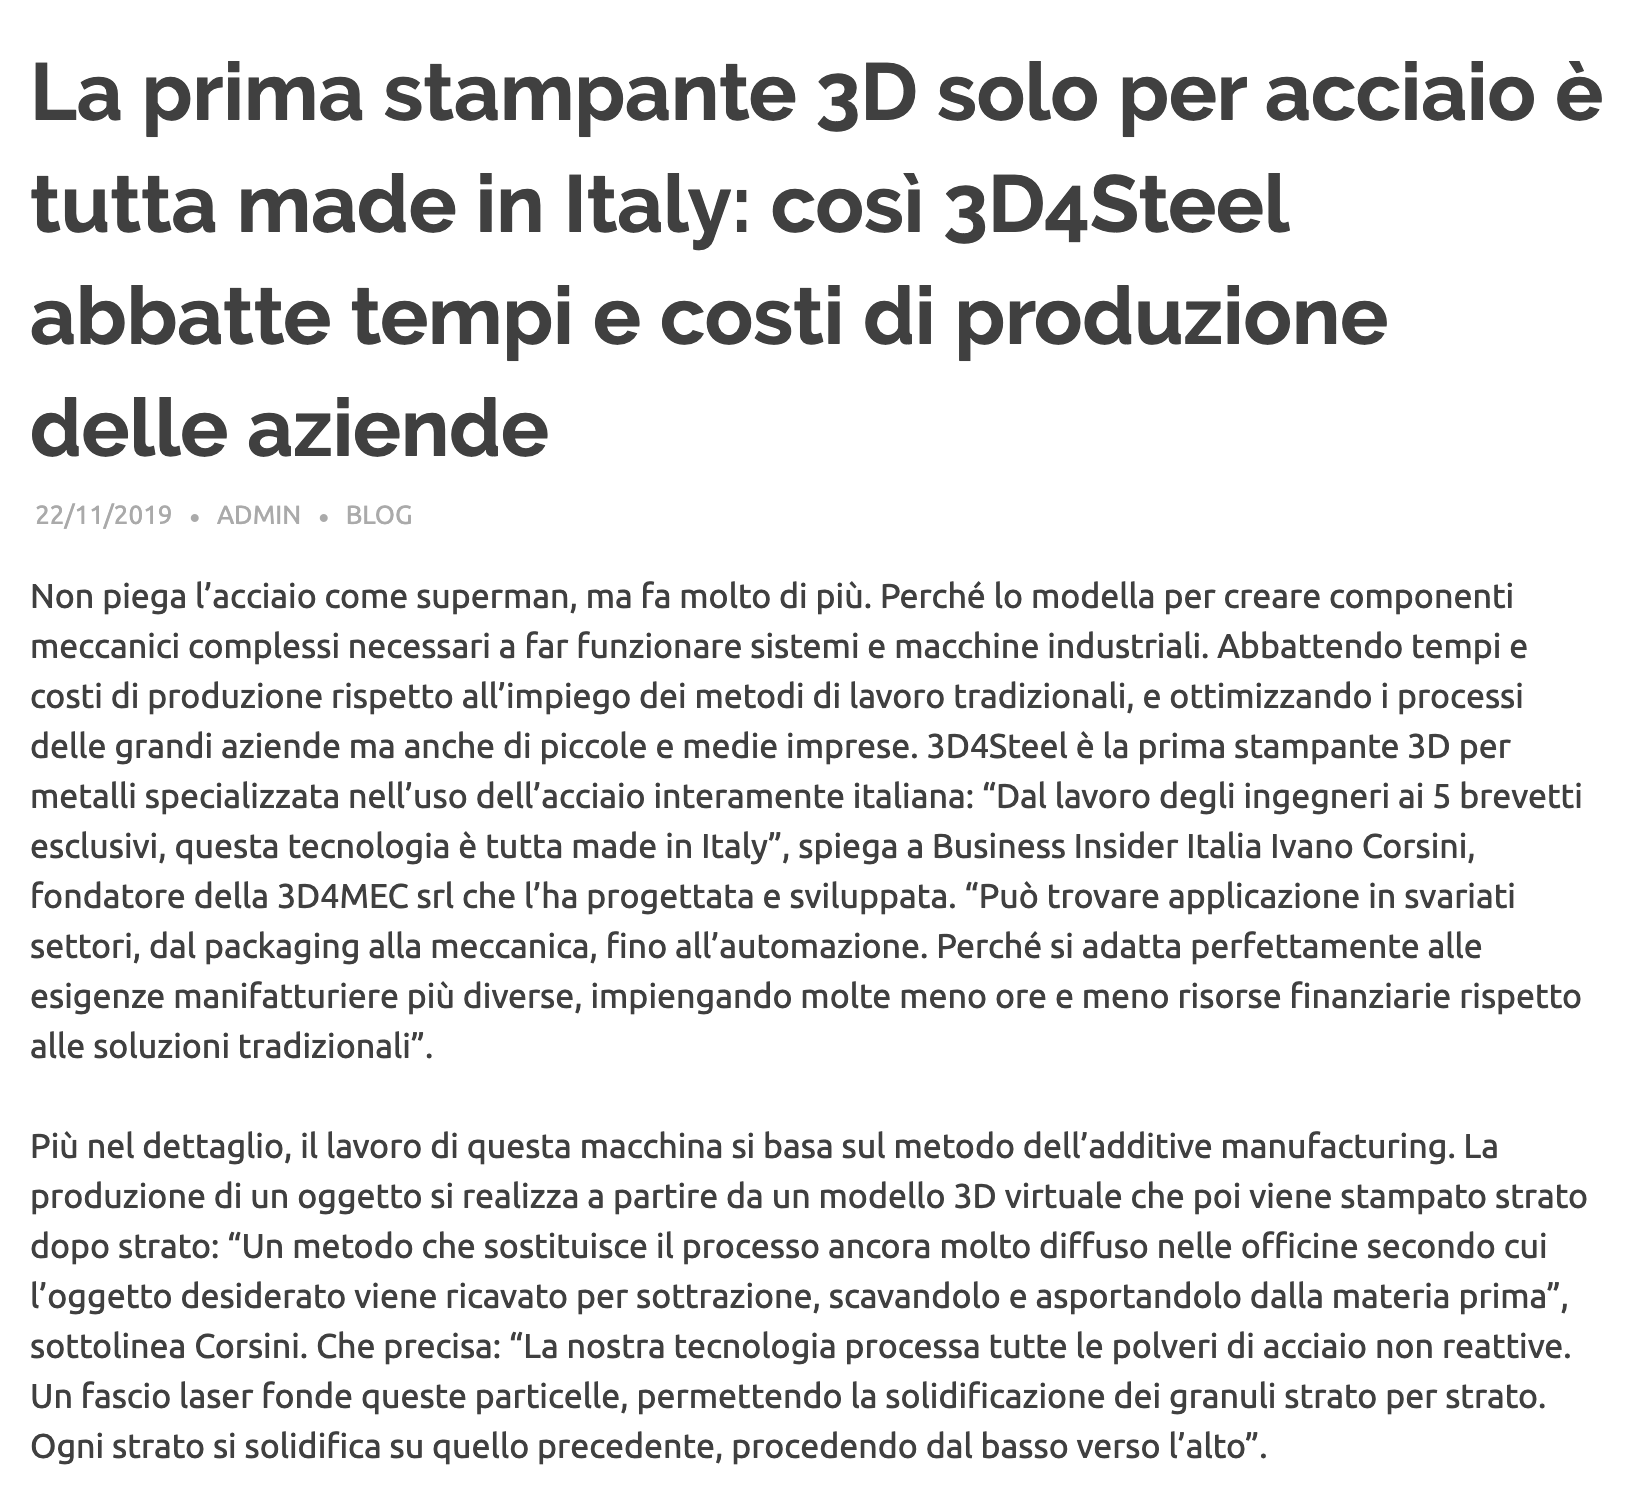 [Co-In] La prima stampante 3D solo per acciaio è tutta made in Italy: così 3D4Steel abbatte tempi e costi di produzione delle aziende